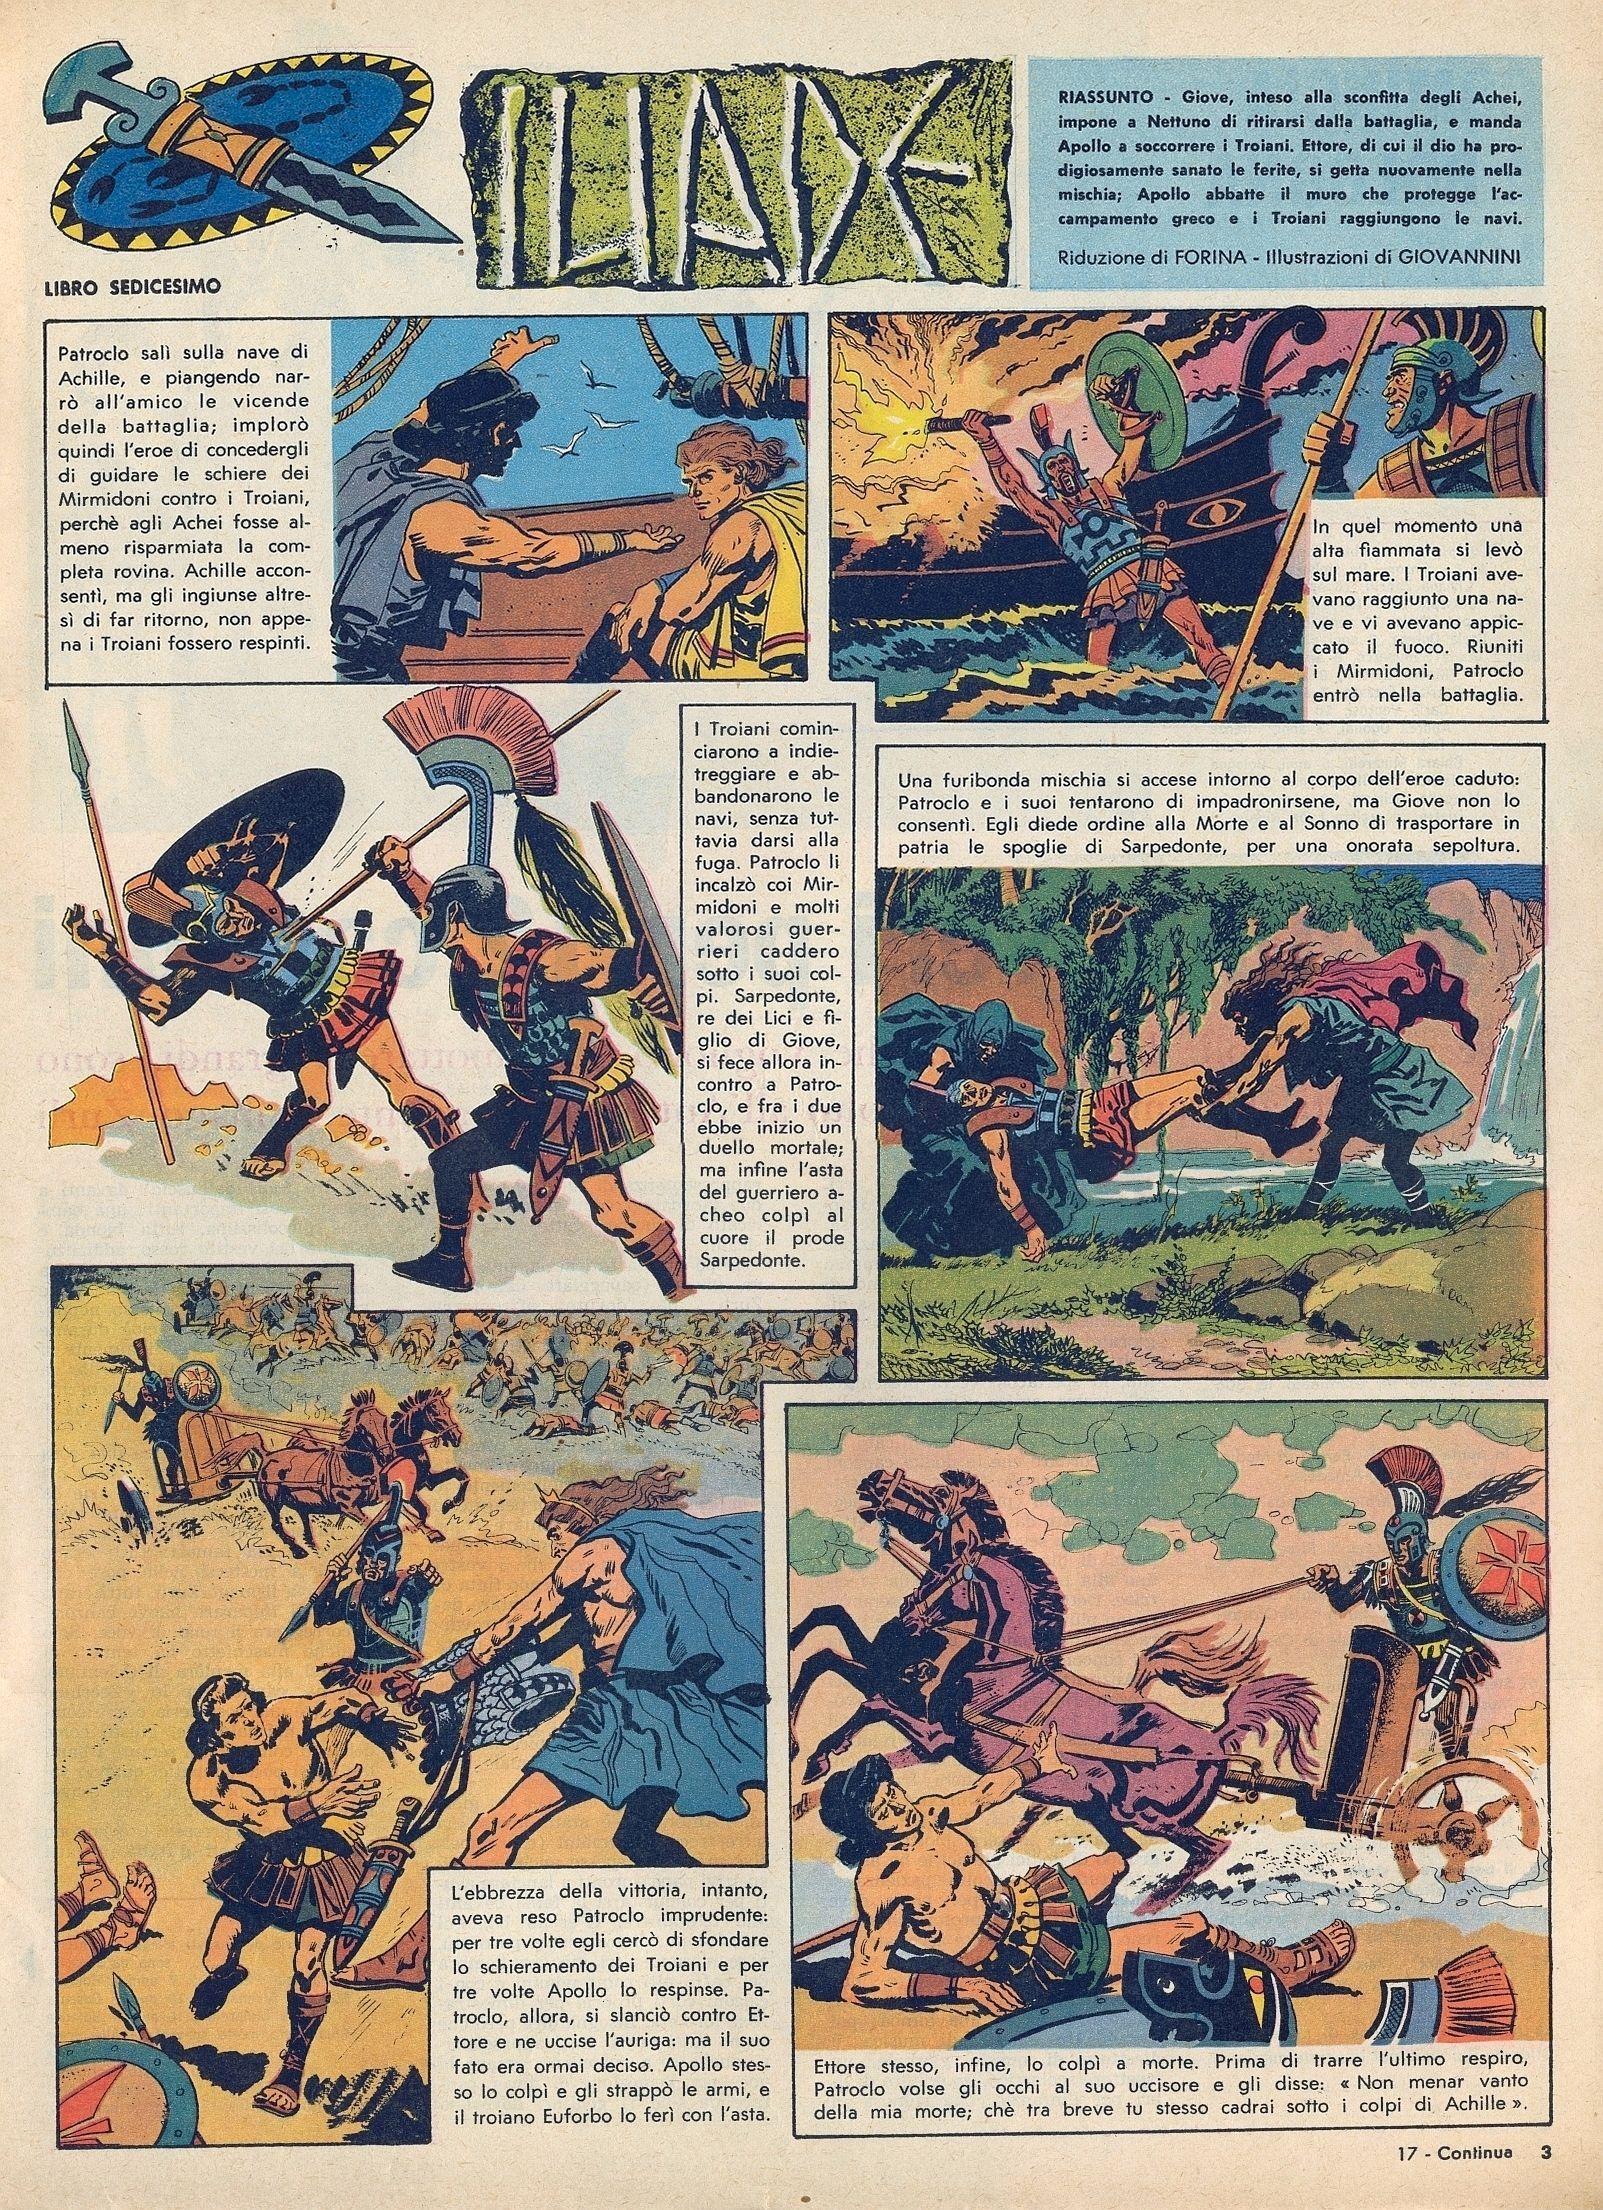 Corrierino E Giornalino Iliade Puntate 11 20 Libri Illustrati Storia Poemi